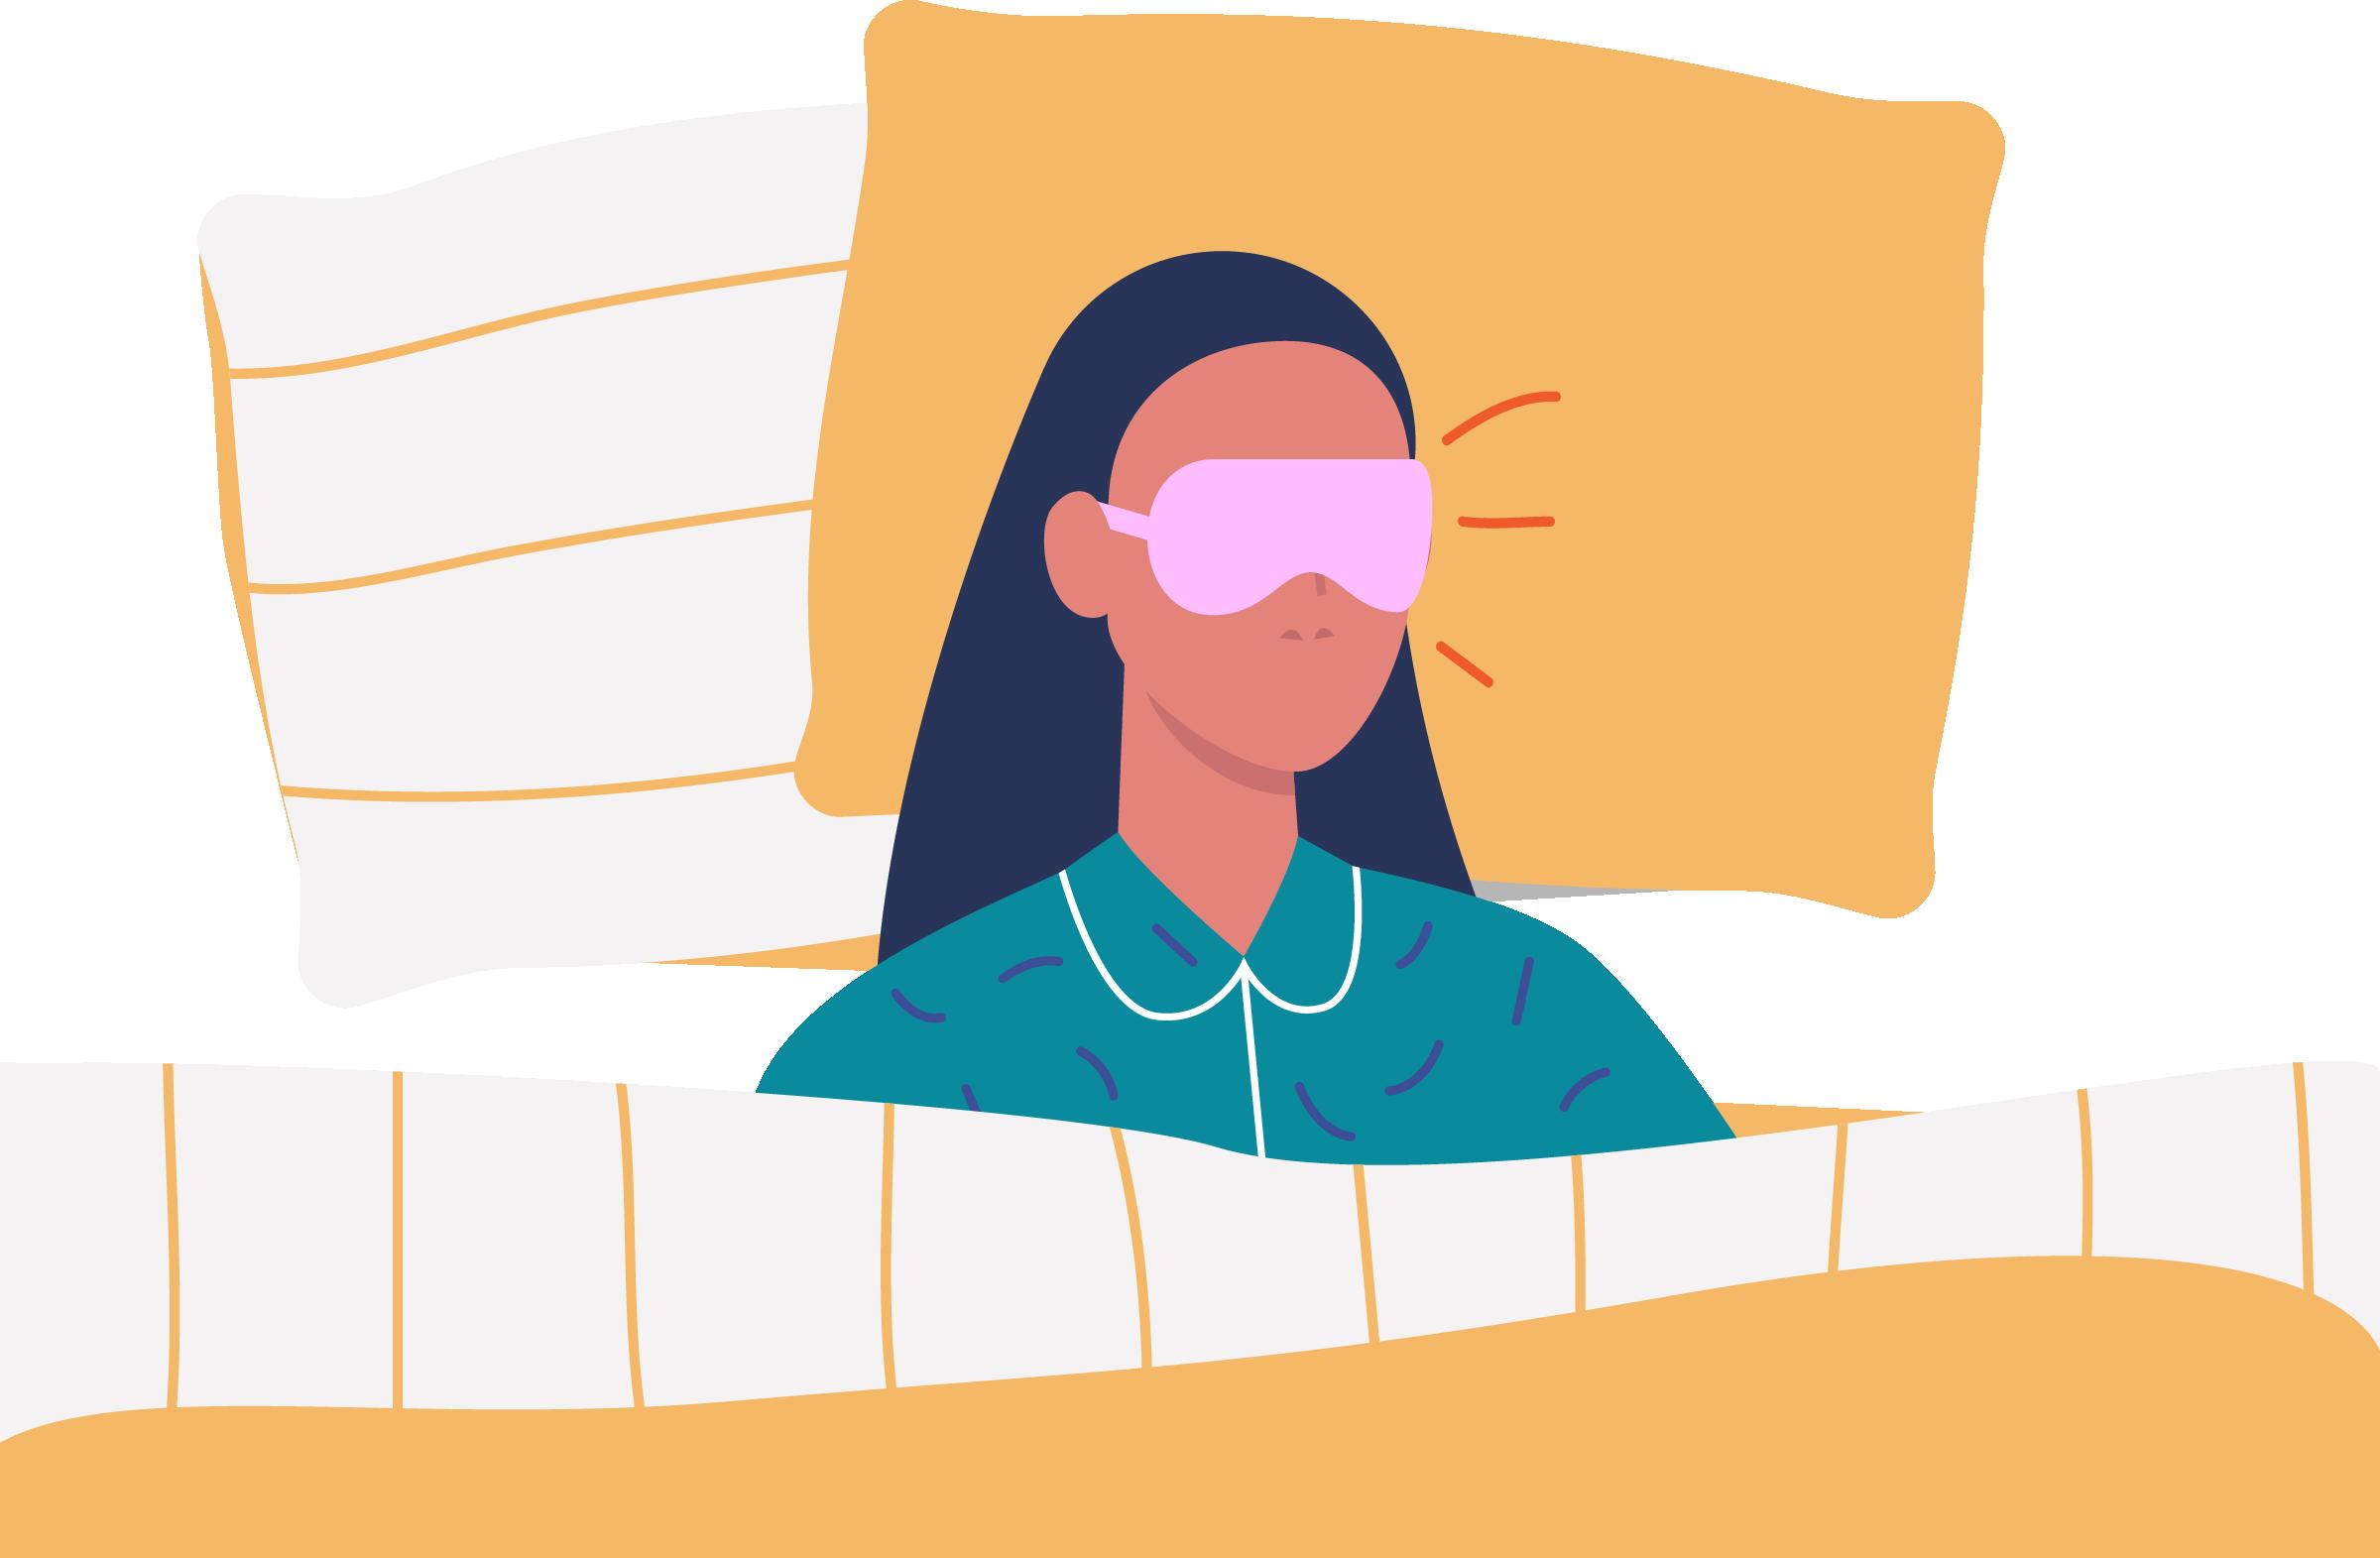 Ilustração de uma garota dormindo em uma capa usando tapa olho.